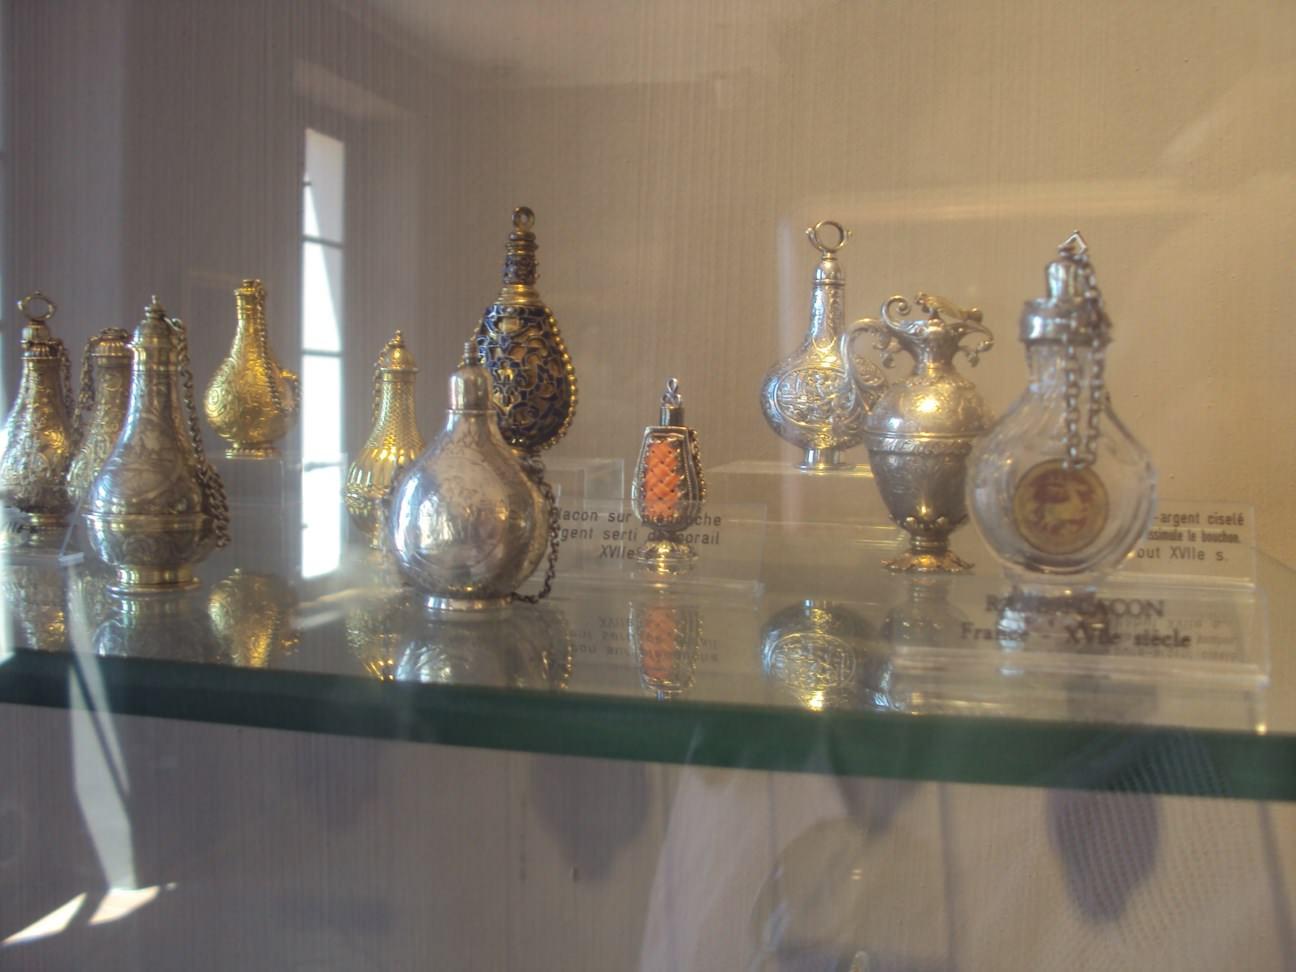 Sticluțe de parfum din sec XV-lea, XVII-lea la Muzeul Fragonard